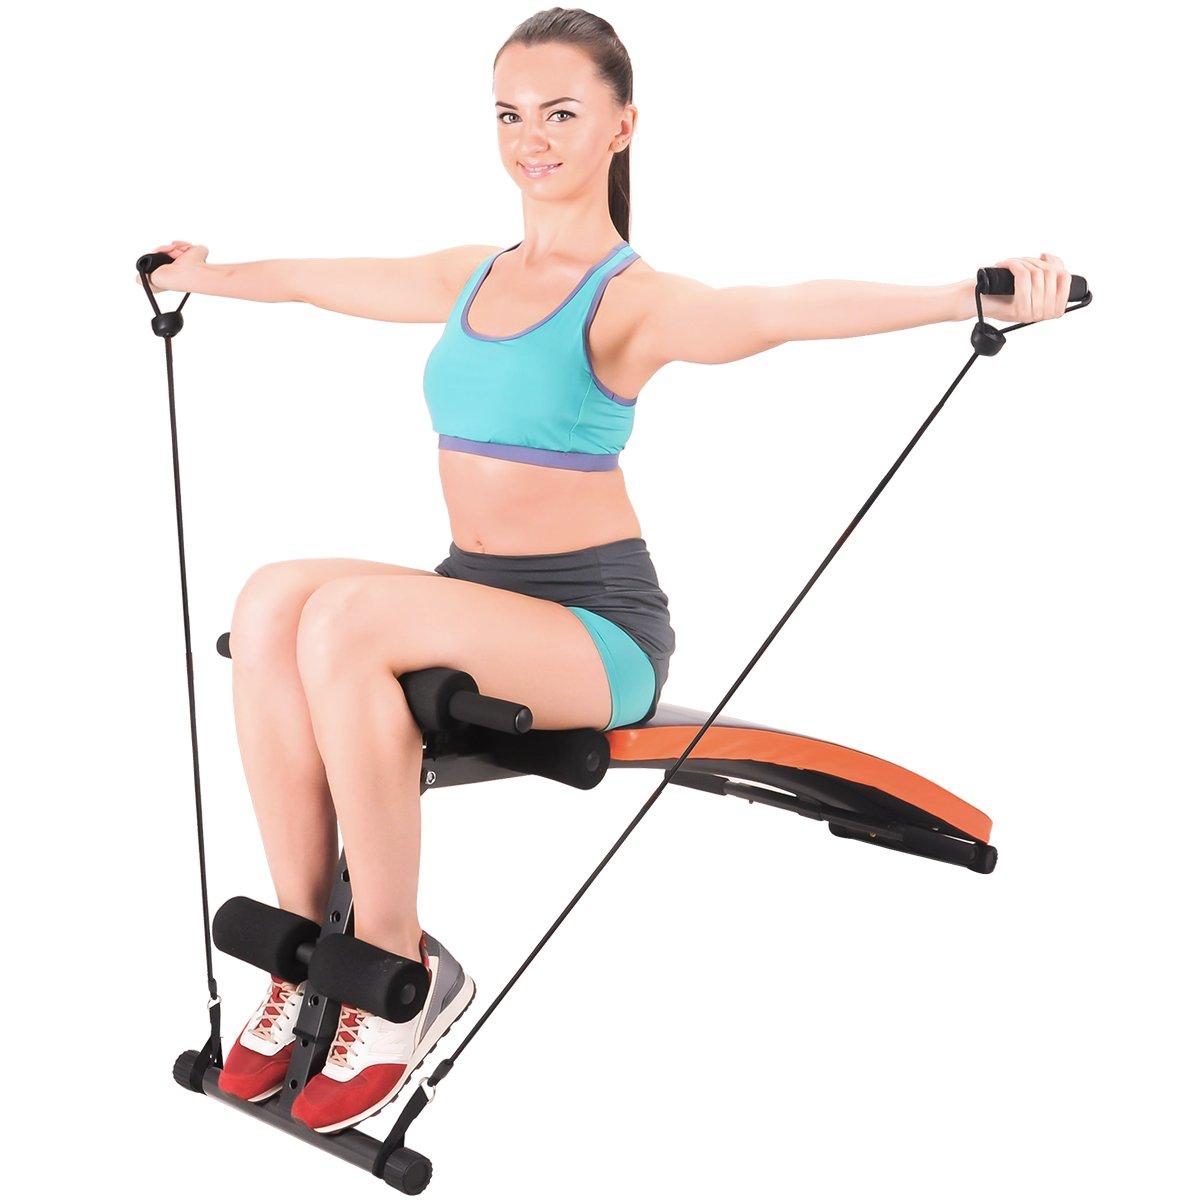 Banco de ejercicio Feierdum, ajustable y plegable, con cuerda de entrenamiento incluida, ideal para hacer abdominales, etc.: Amazon.es: Deportes y aire ...